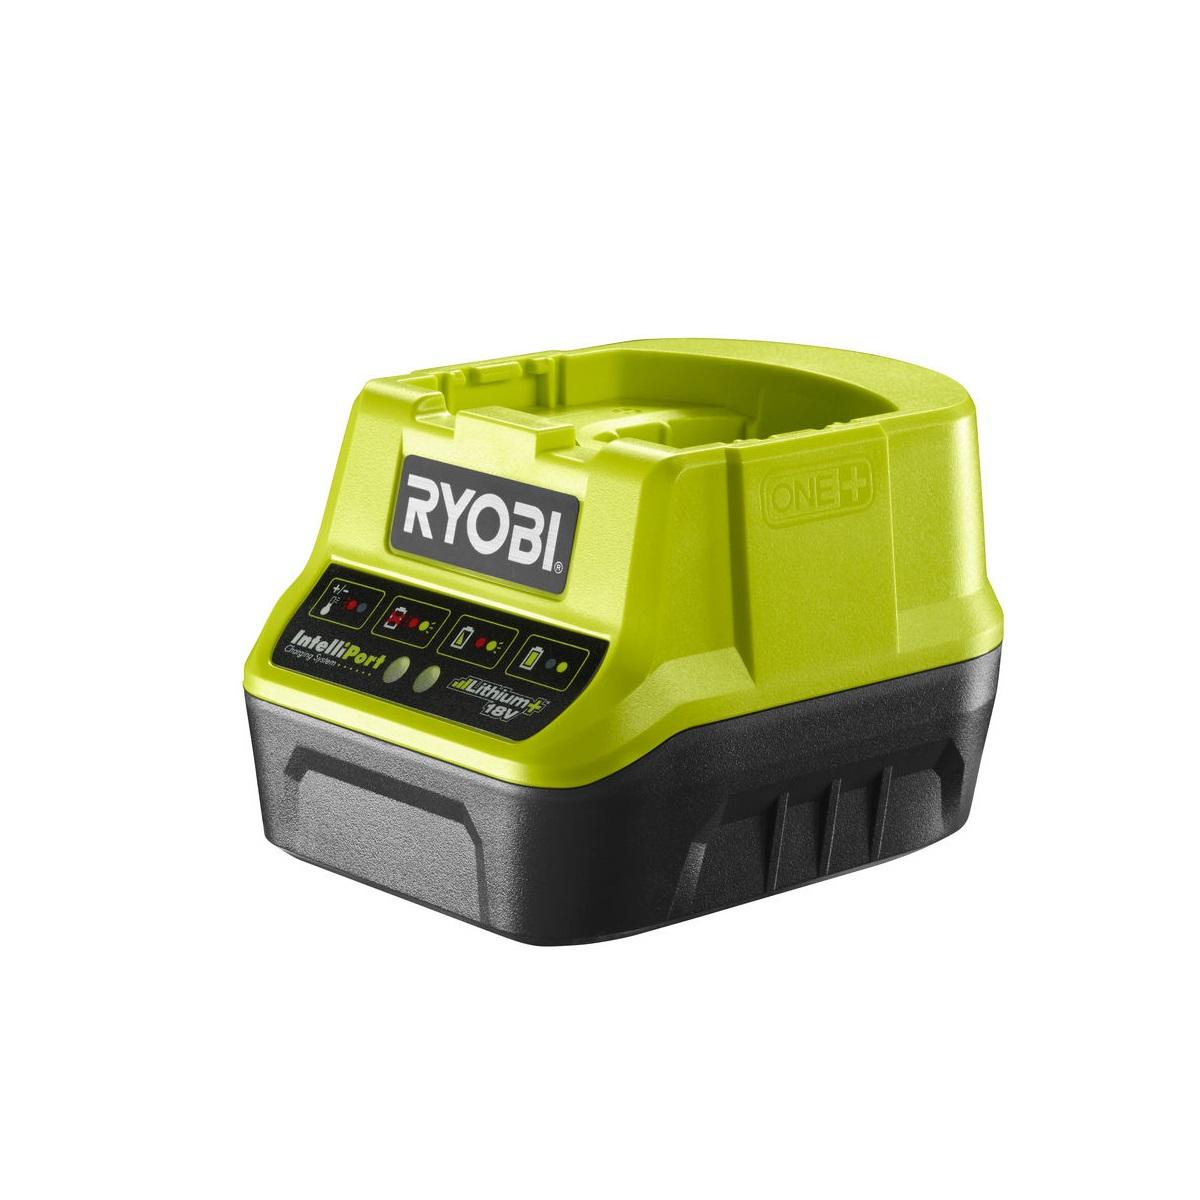 Ryobi RC1812018 V nabíječka (2 Ah / 60 min) ONE+